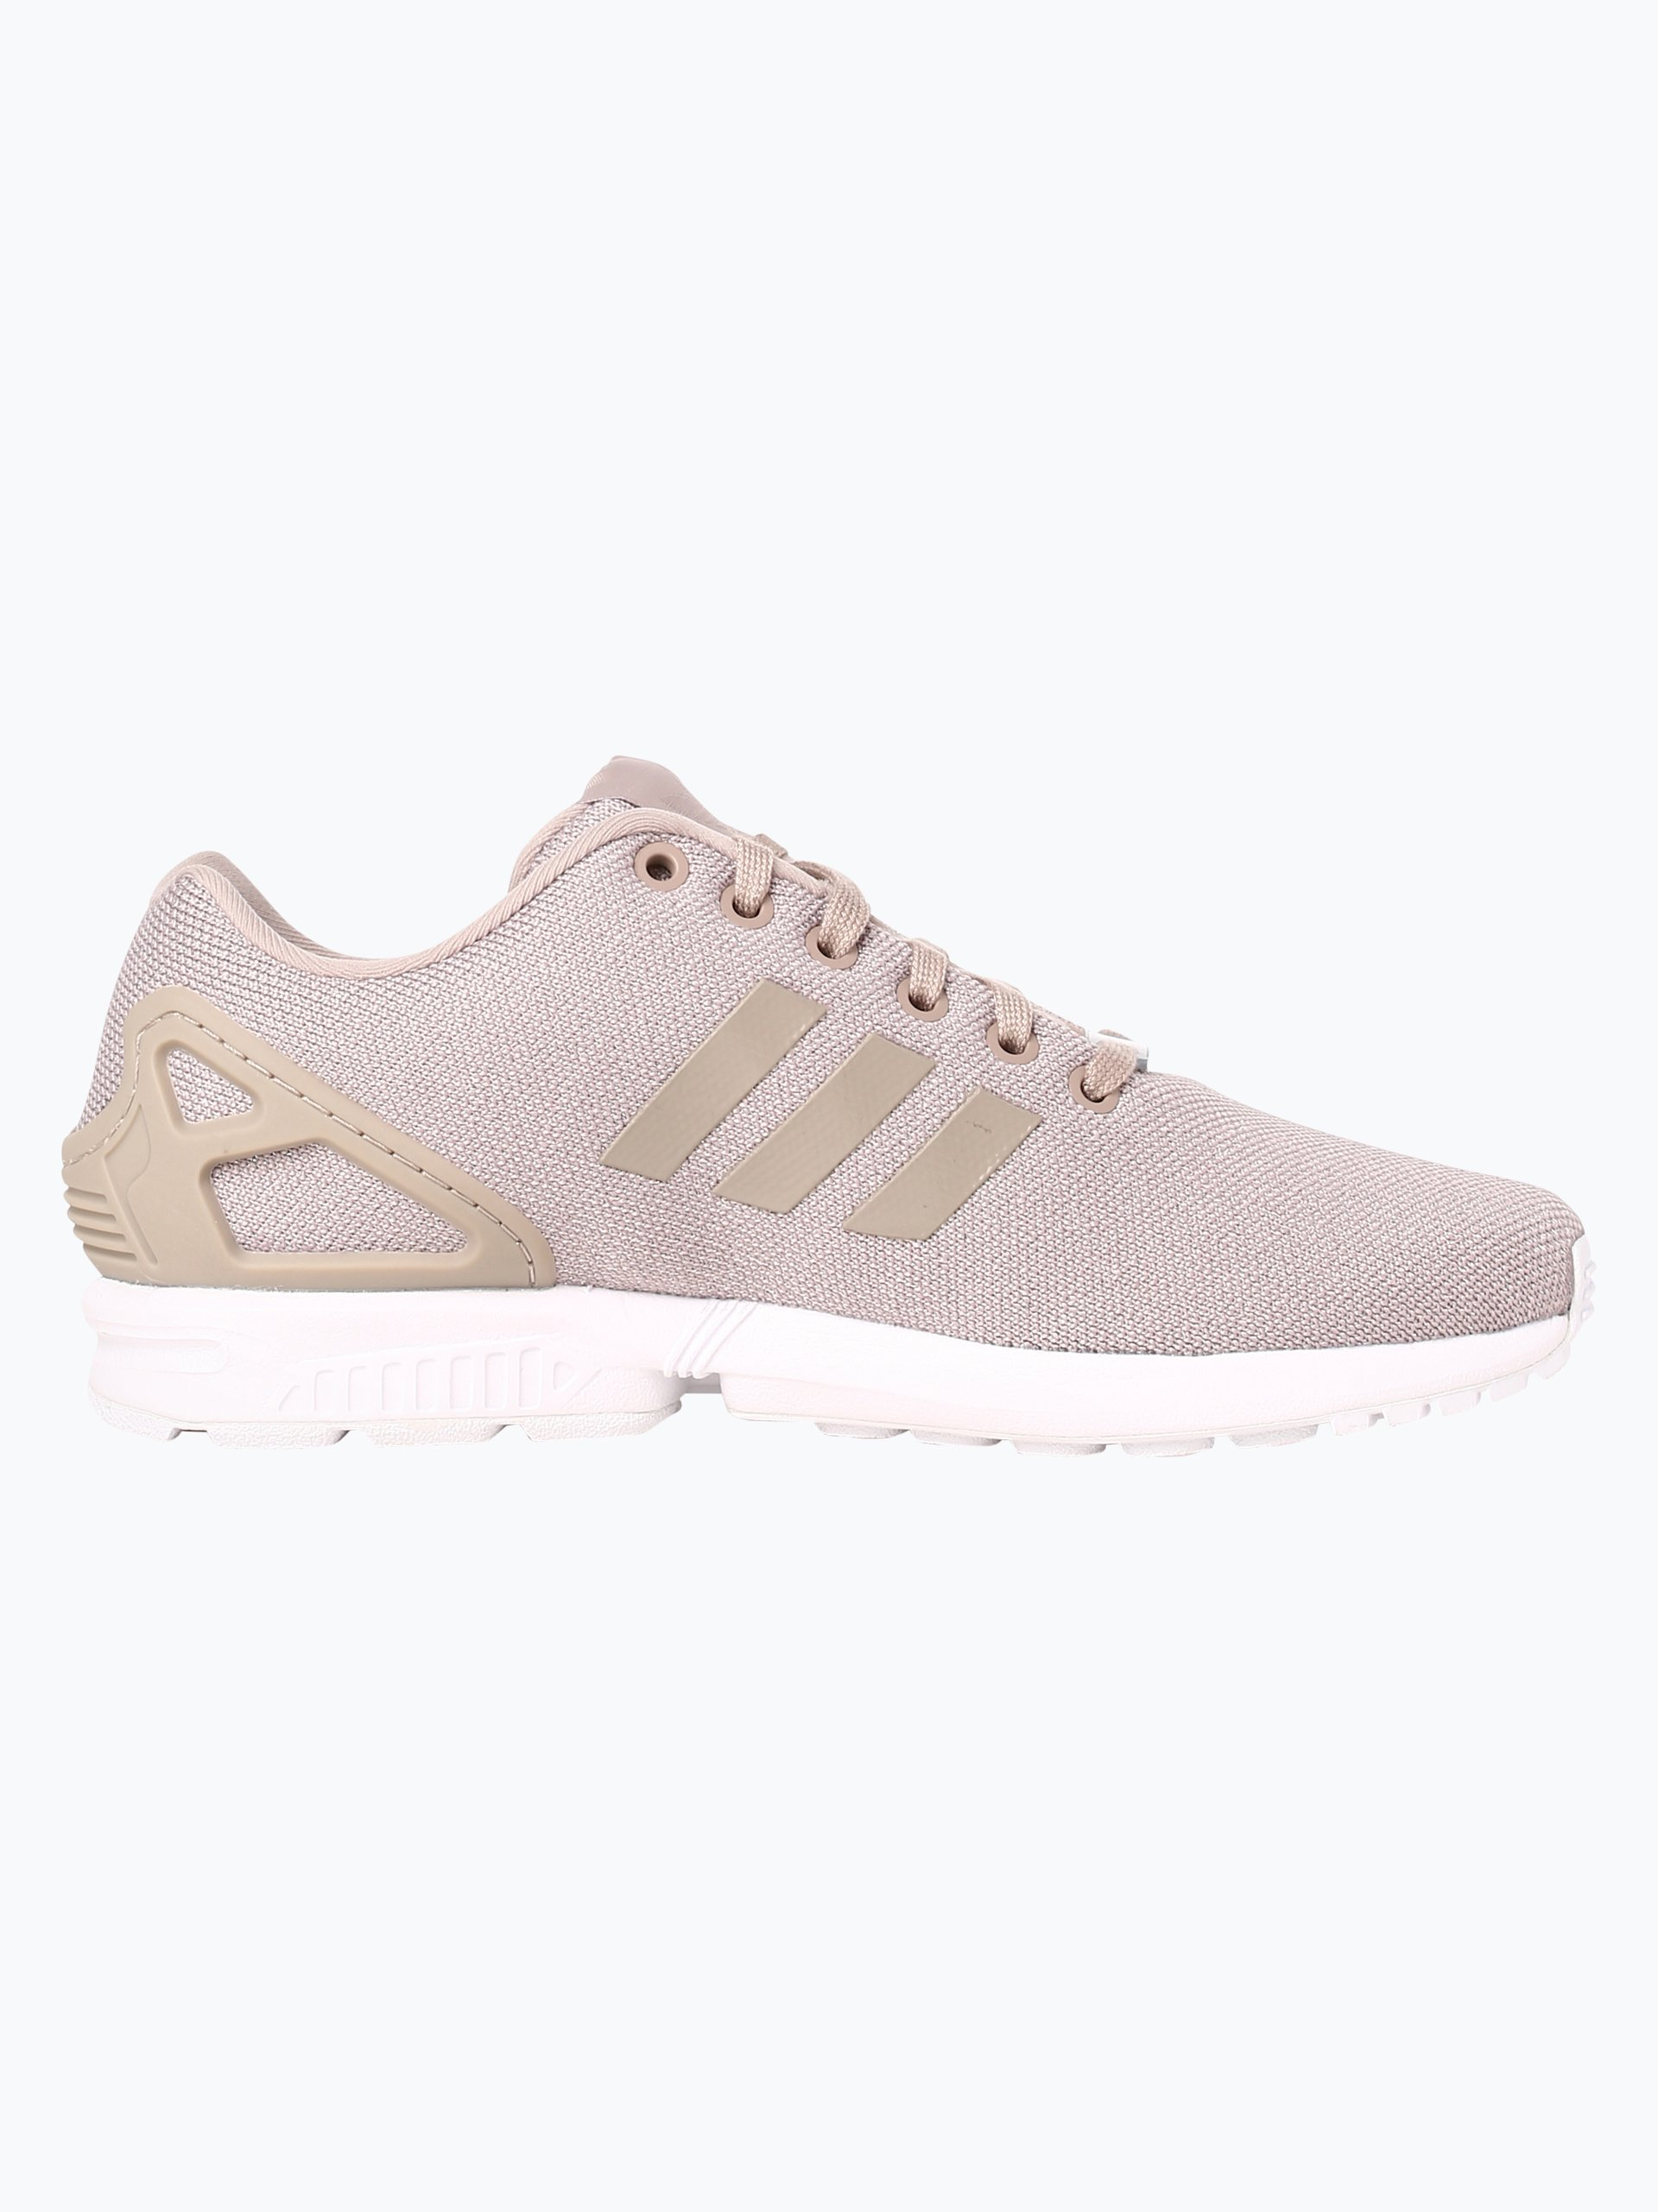 adidas Originals Damen Sneaker ZX Flux W online kaufen